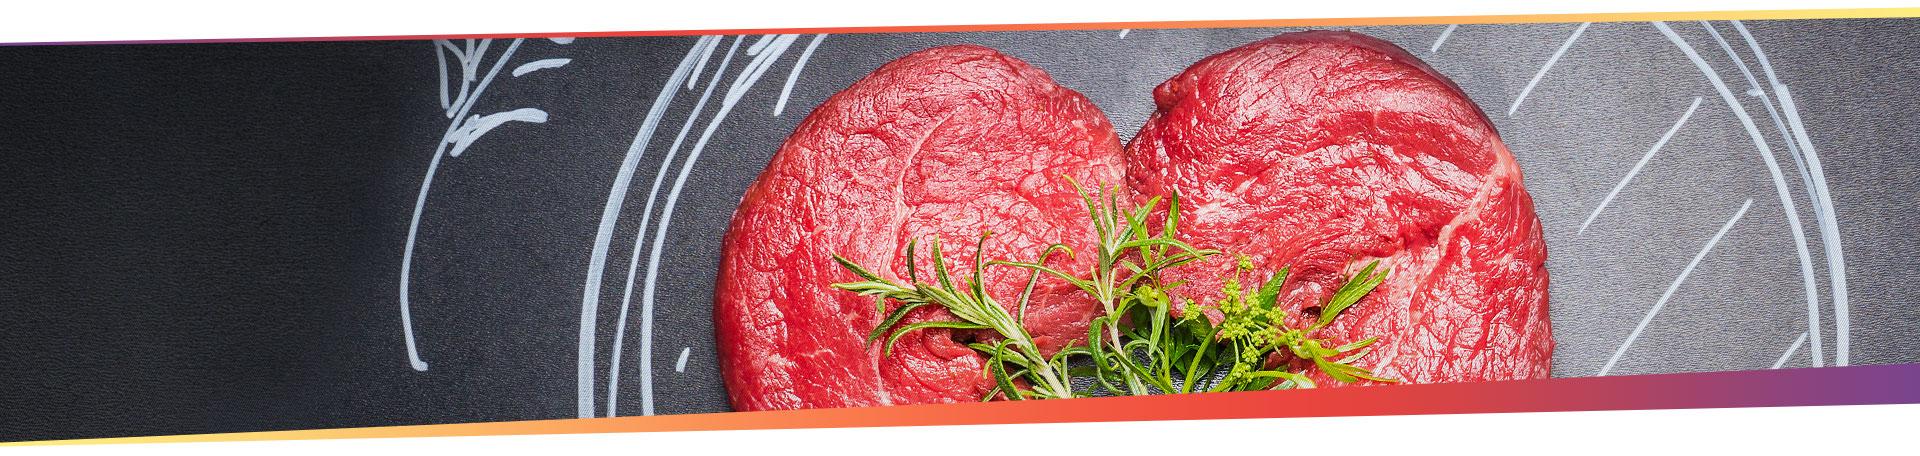 produits boucherie et association